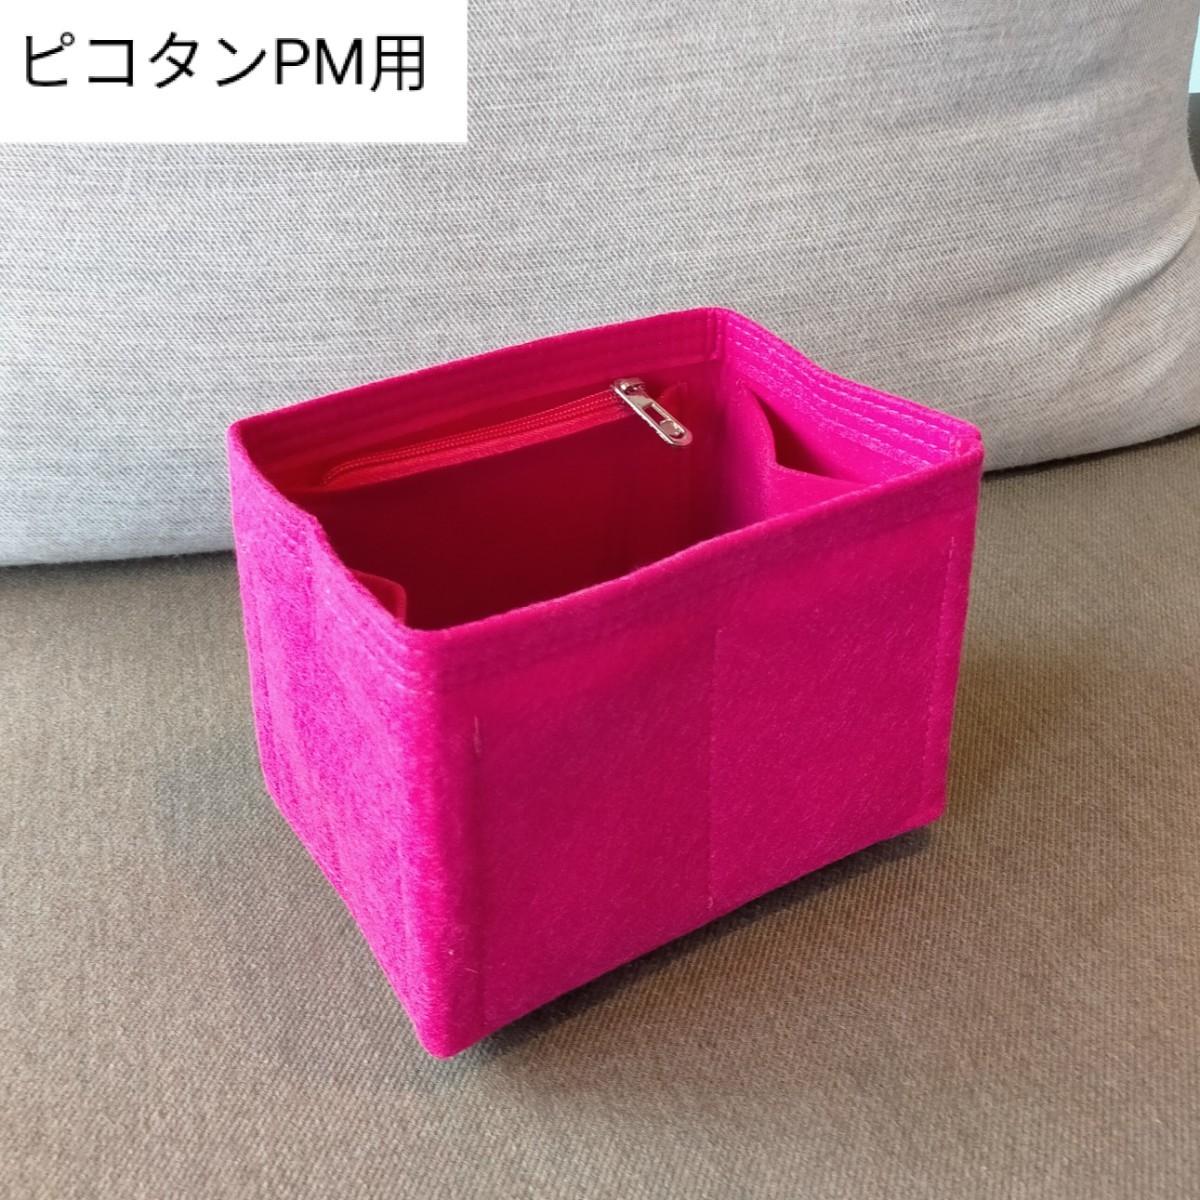 バッグインバッグ インナーバッグ  ピコタン PM 濃いピンク